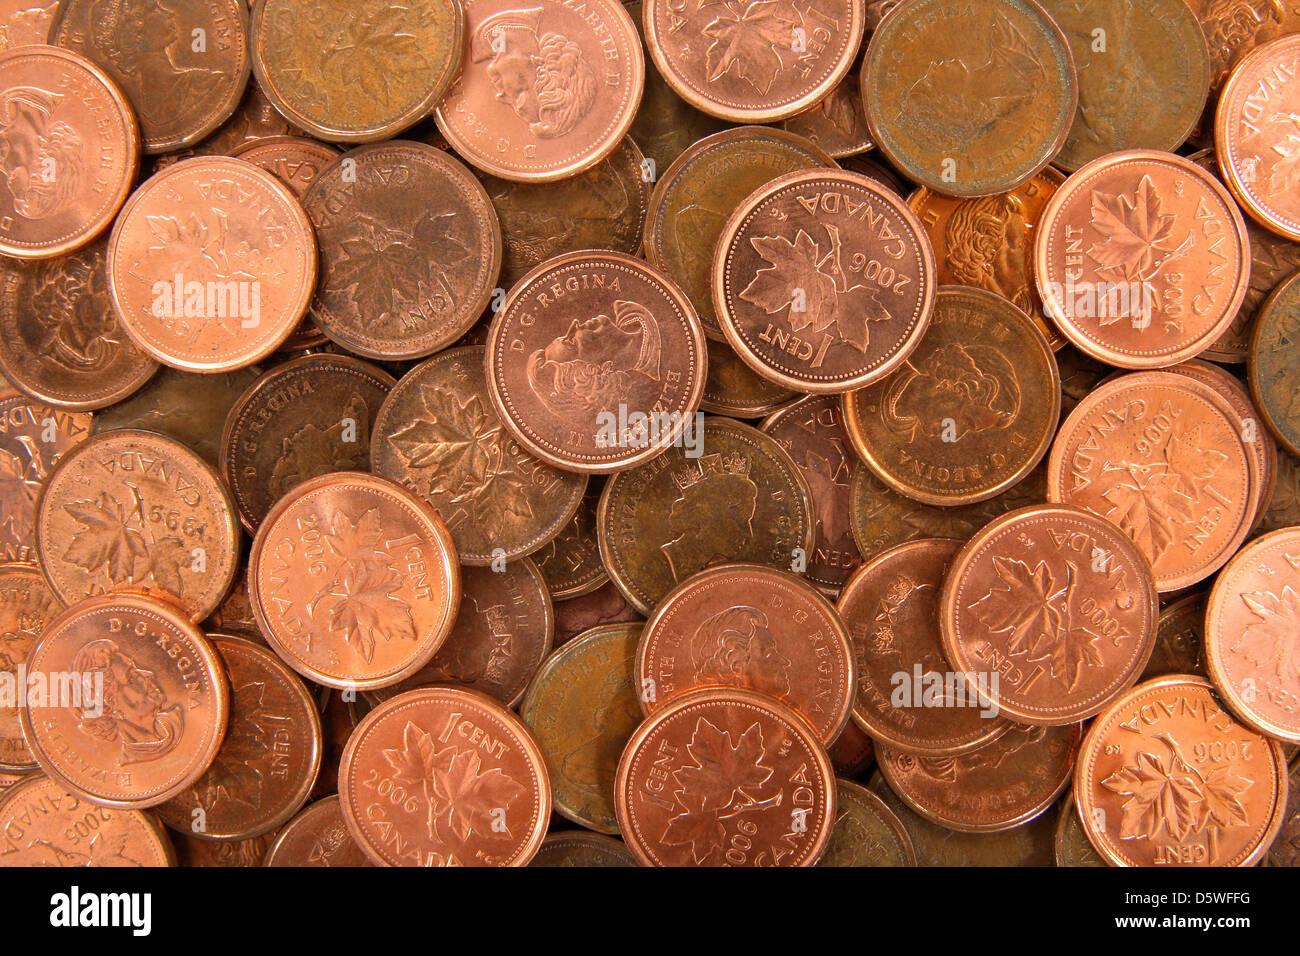 Fußboden Aus Kupfermünzen ~ Cent münzen fussboden cent bodenbelag home haus haus bodenbelag